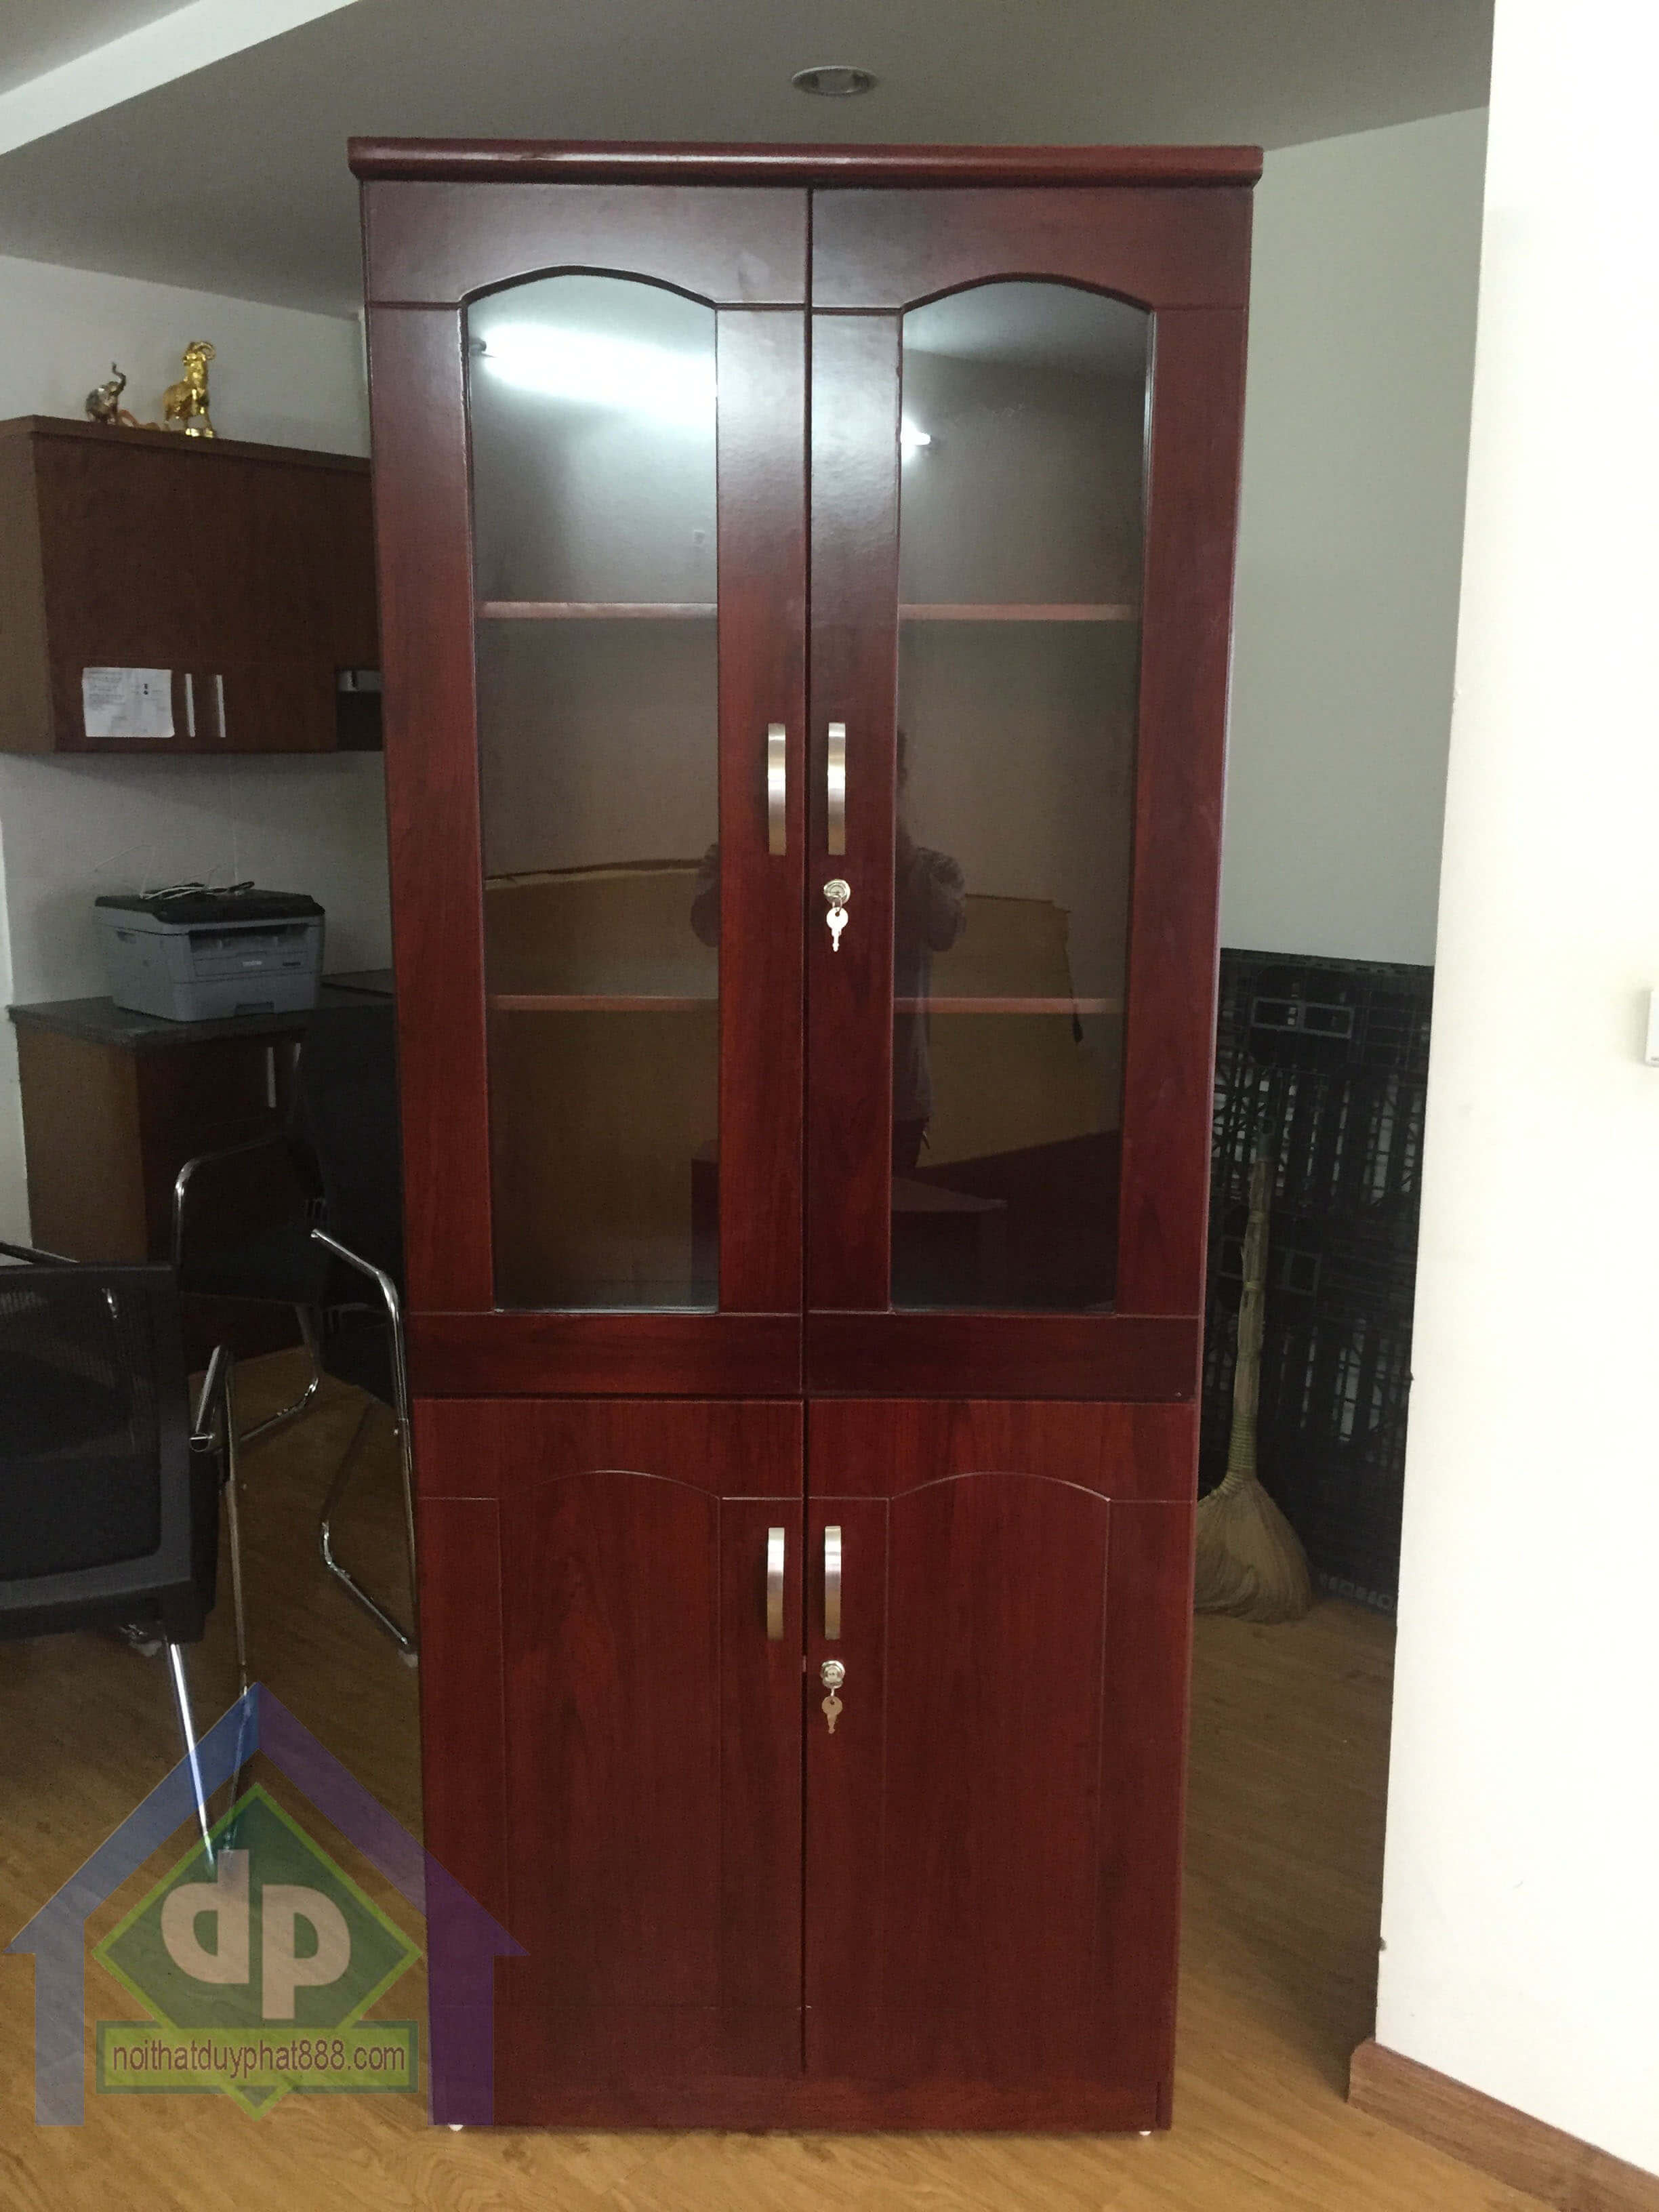 Địa chỉ thi công tủ kệ văn phòng giá rẻ uy tín tại Hà Nội